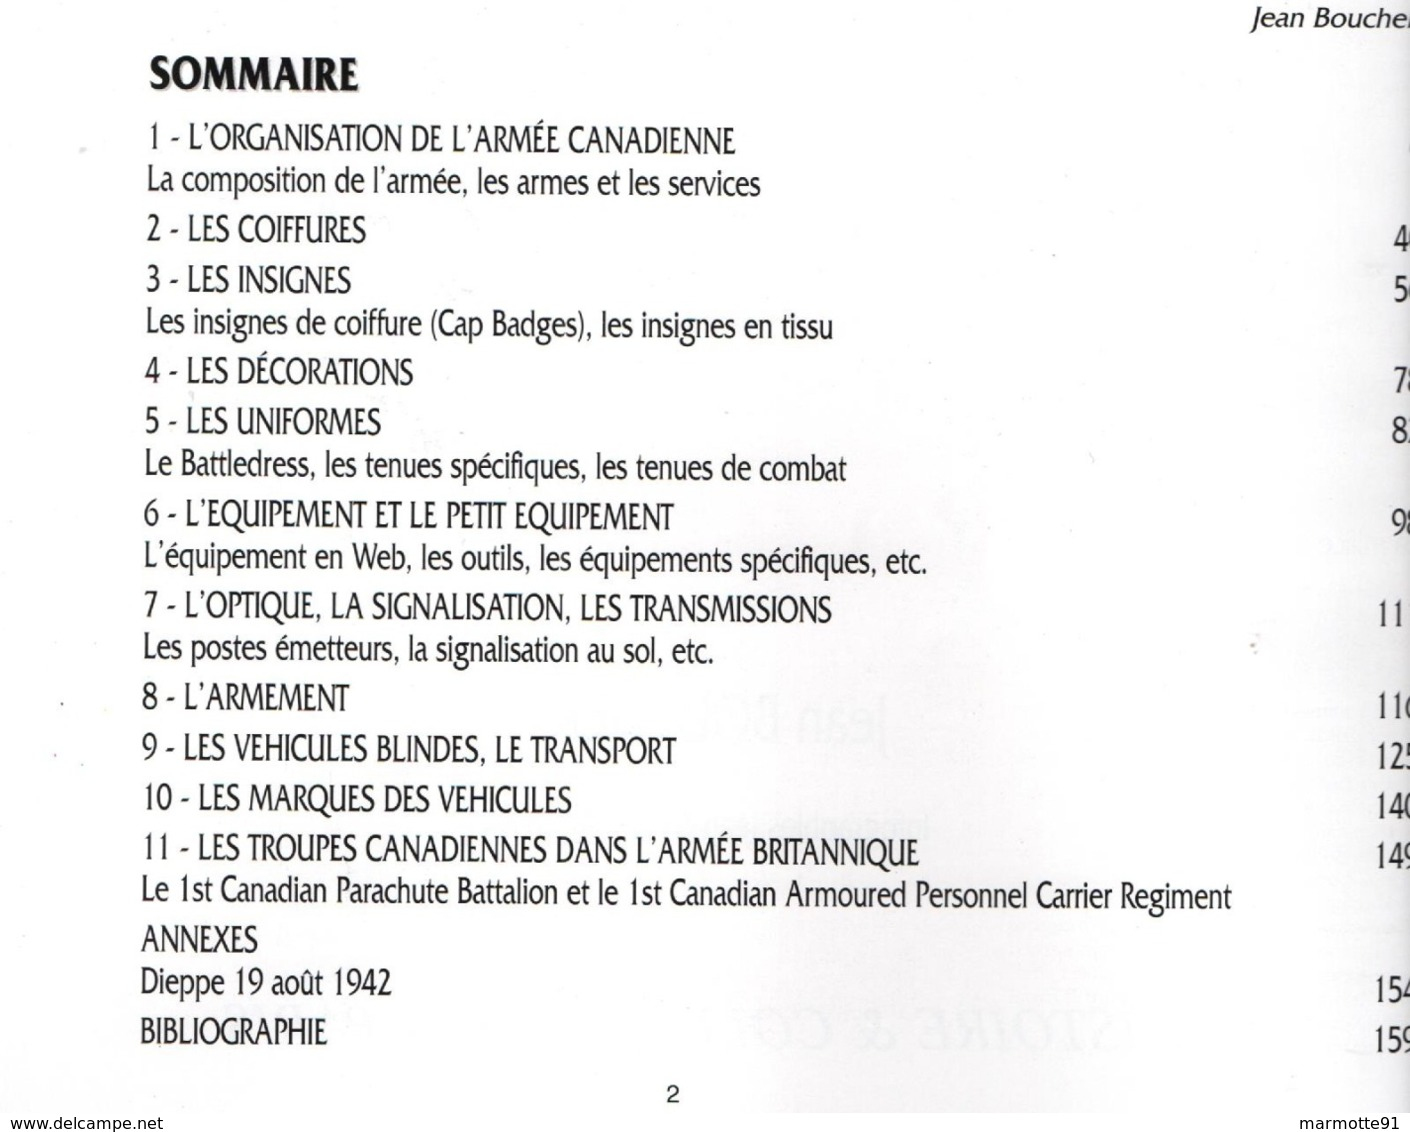 LE CANADIEN DE LA LIBERATION DE NORMANDIE A LA BALTIQUE ARMEE CANADA GUERRE 1944 1945 - 1939-45